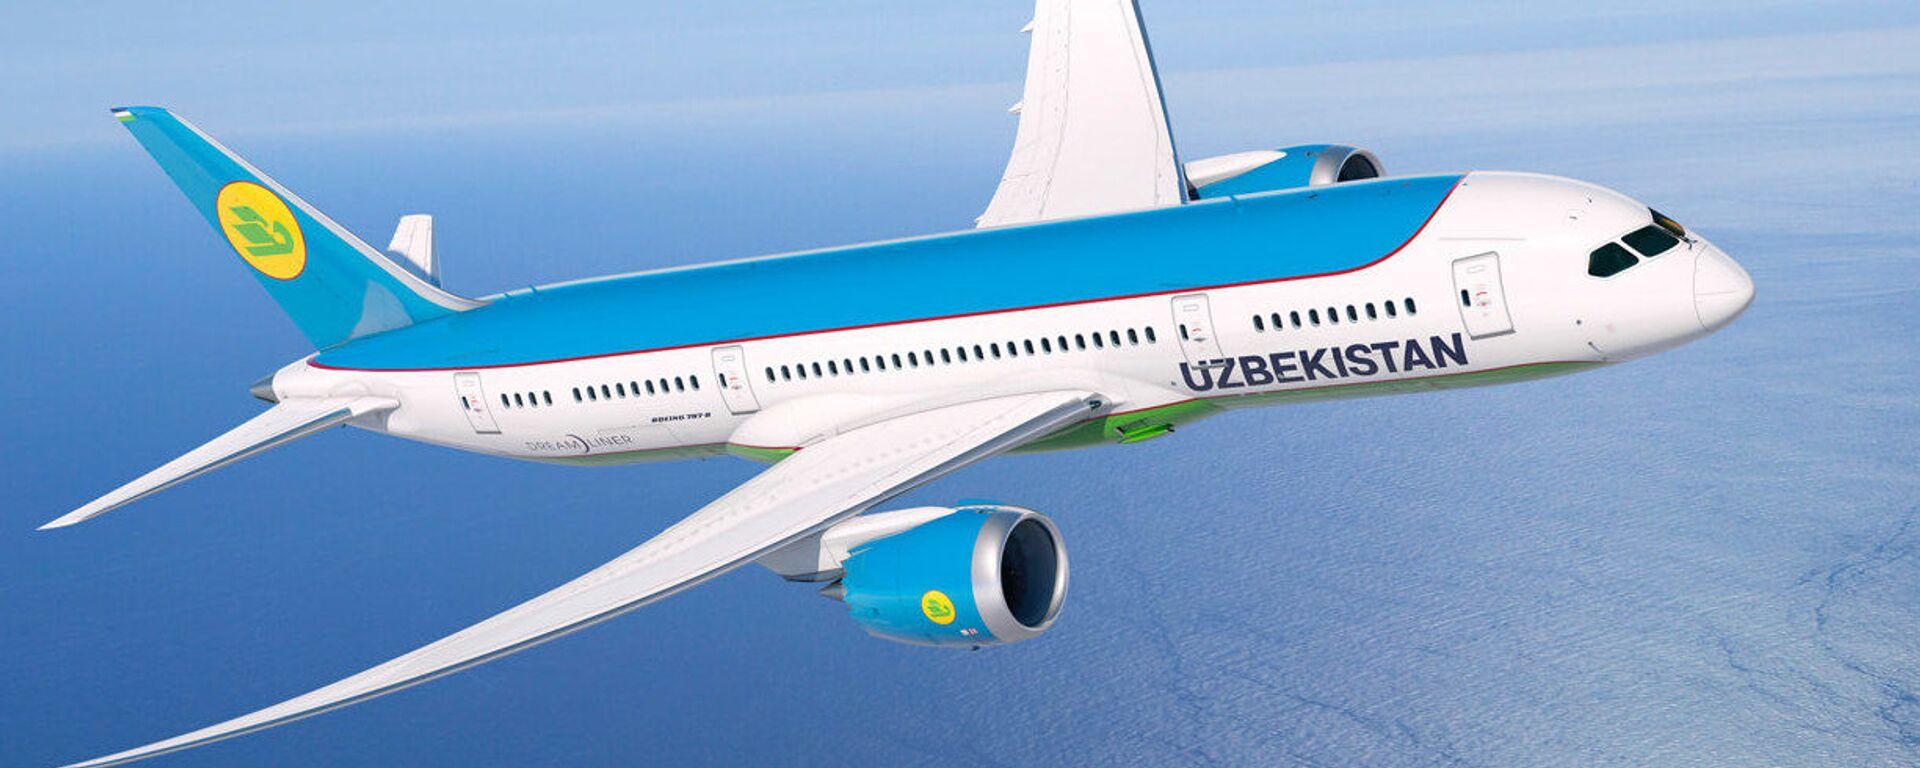 Самолет авиакомпании Uzbekistan Airways - Sputnik Тоҷикистон, 1920, 10.04.2021